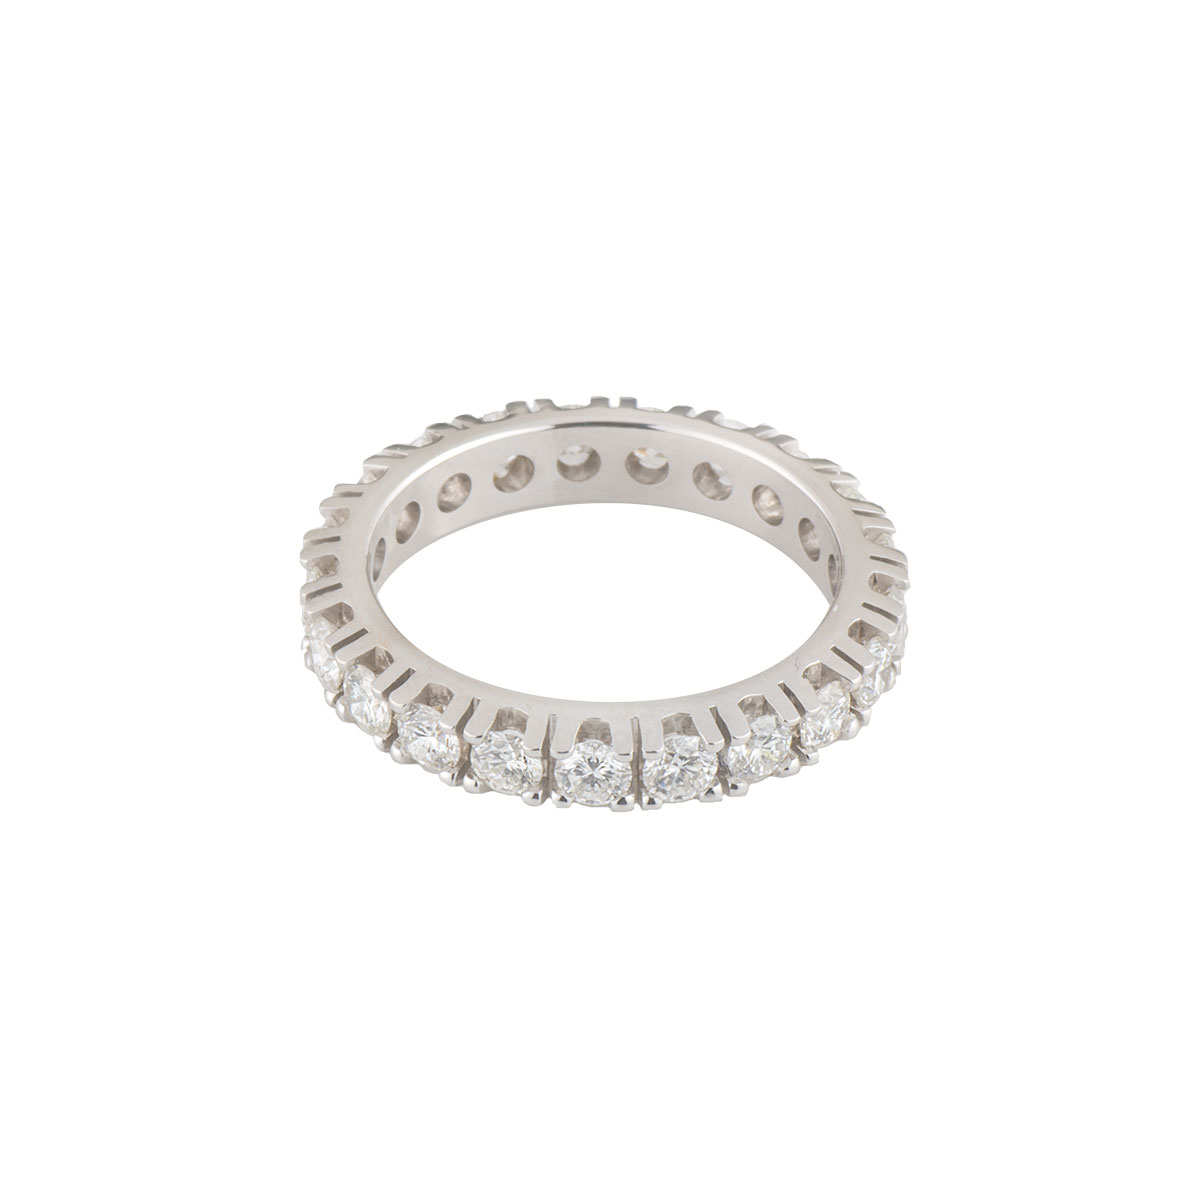 White Gold Full Diamond Ring 1.75ct G/VS